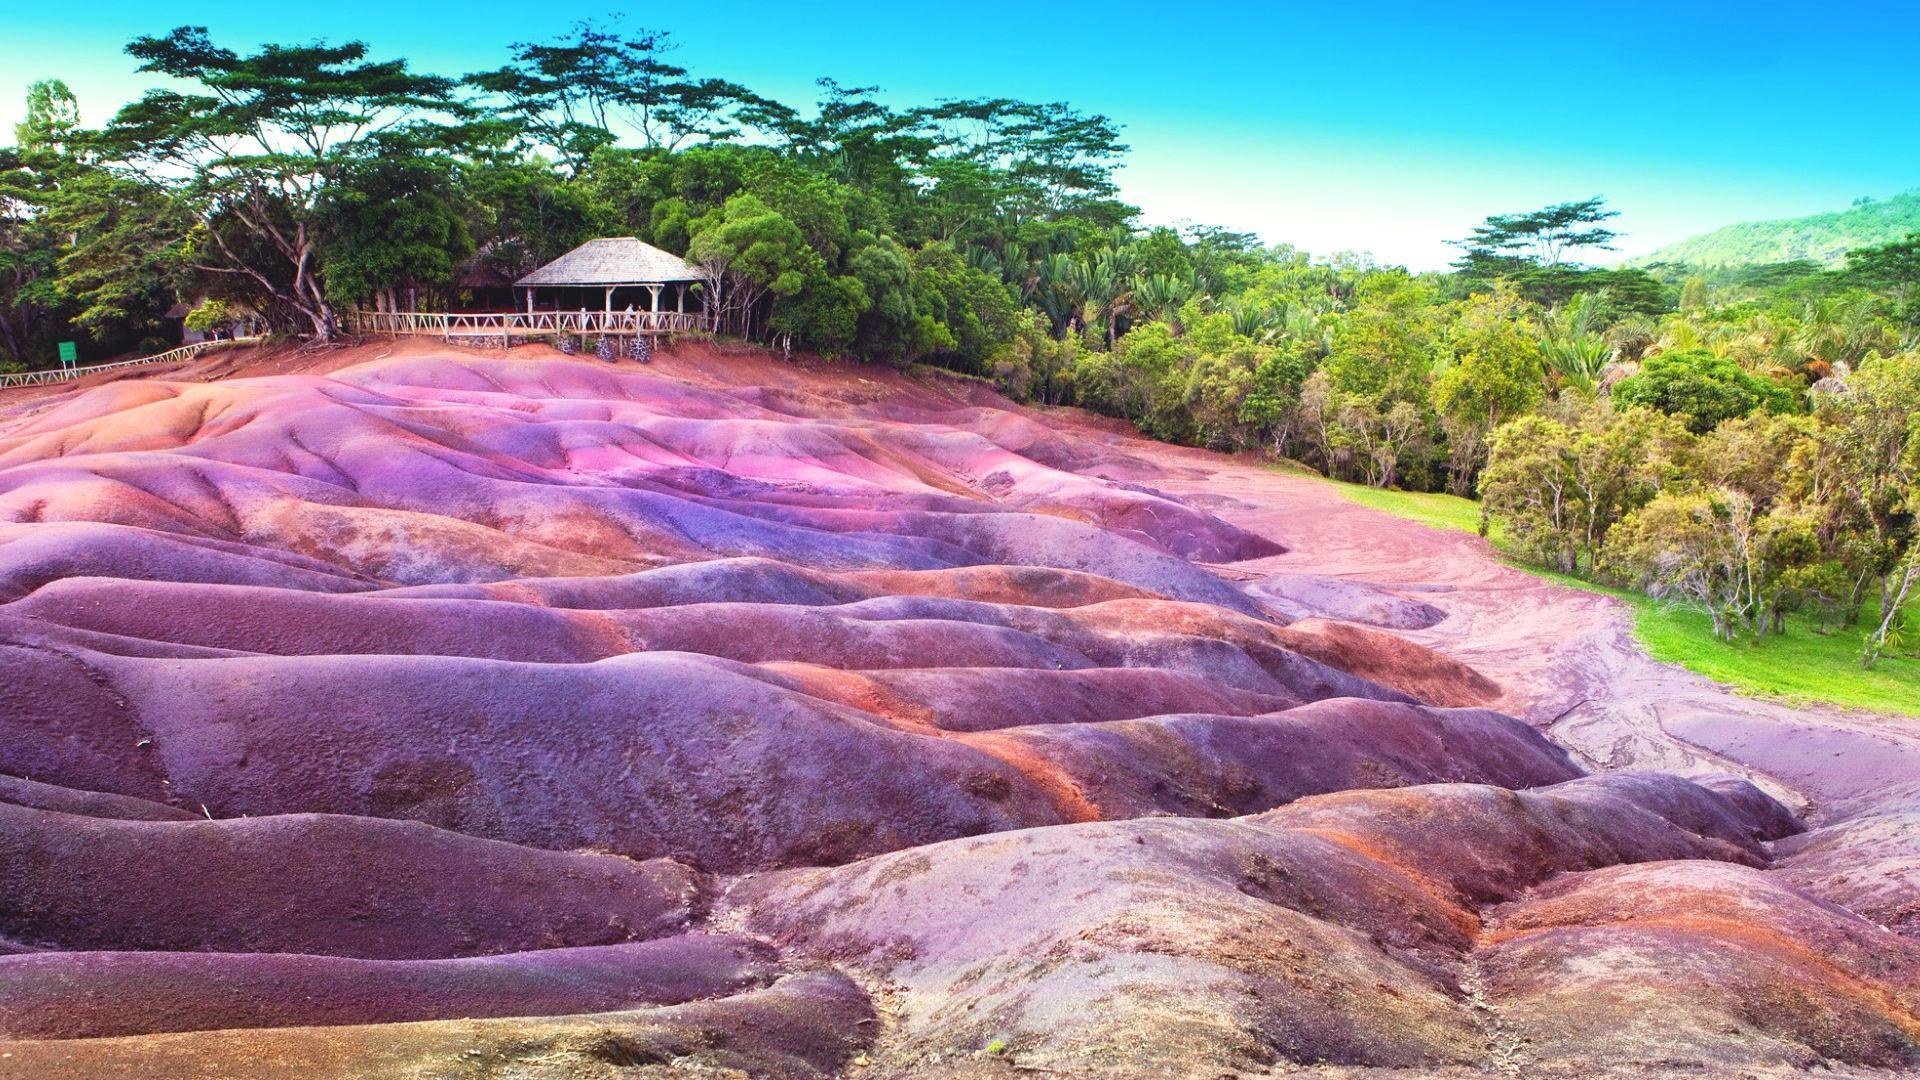 Paslaptingoji septynių spalvų žemė